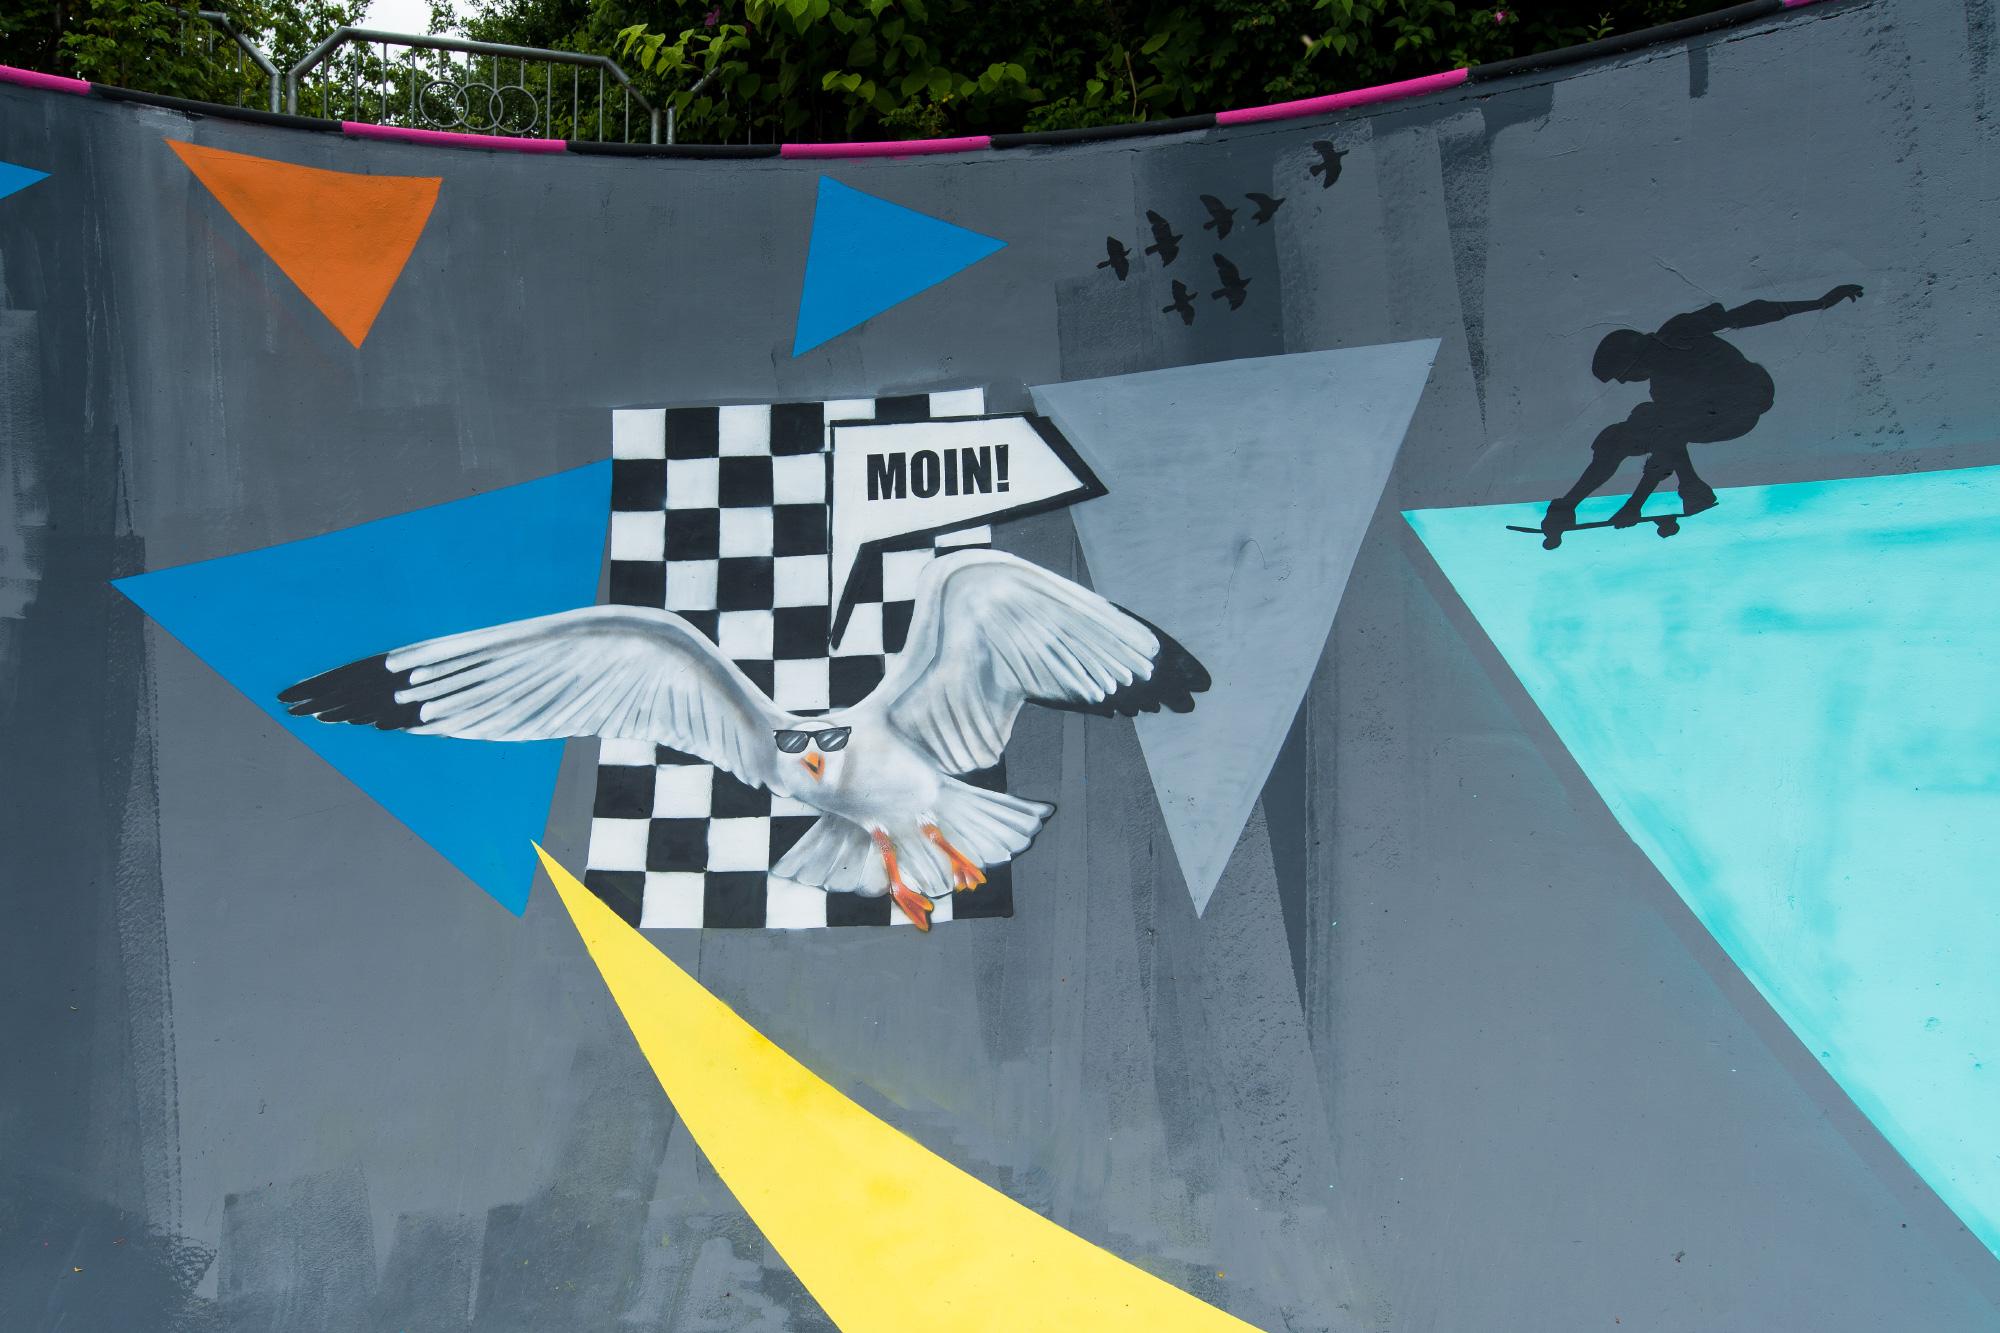 Skatepark Poolgestaltung – Graffiti im Pool